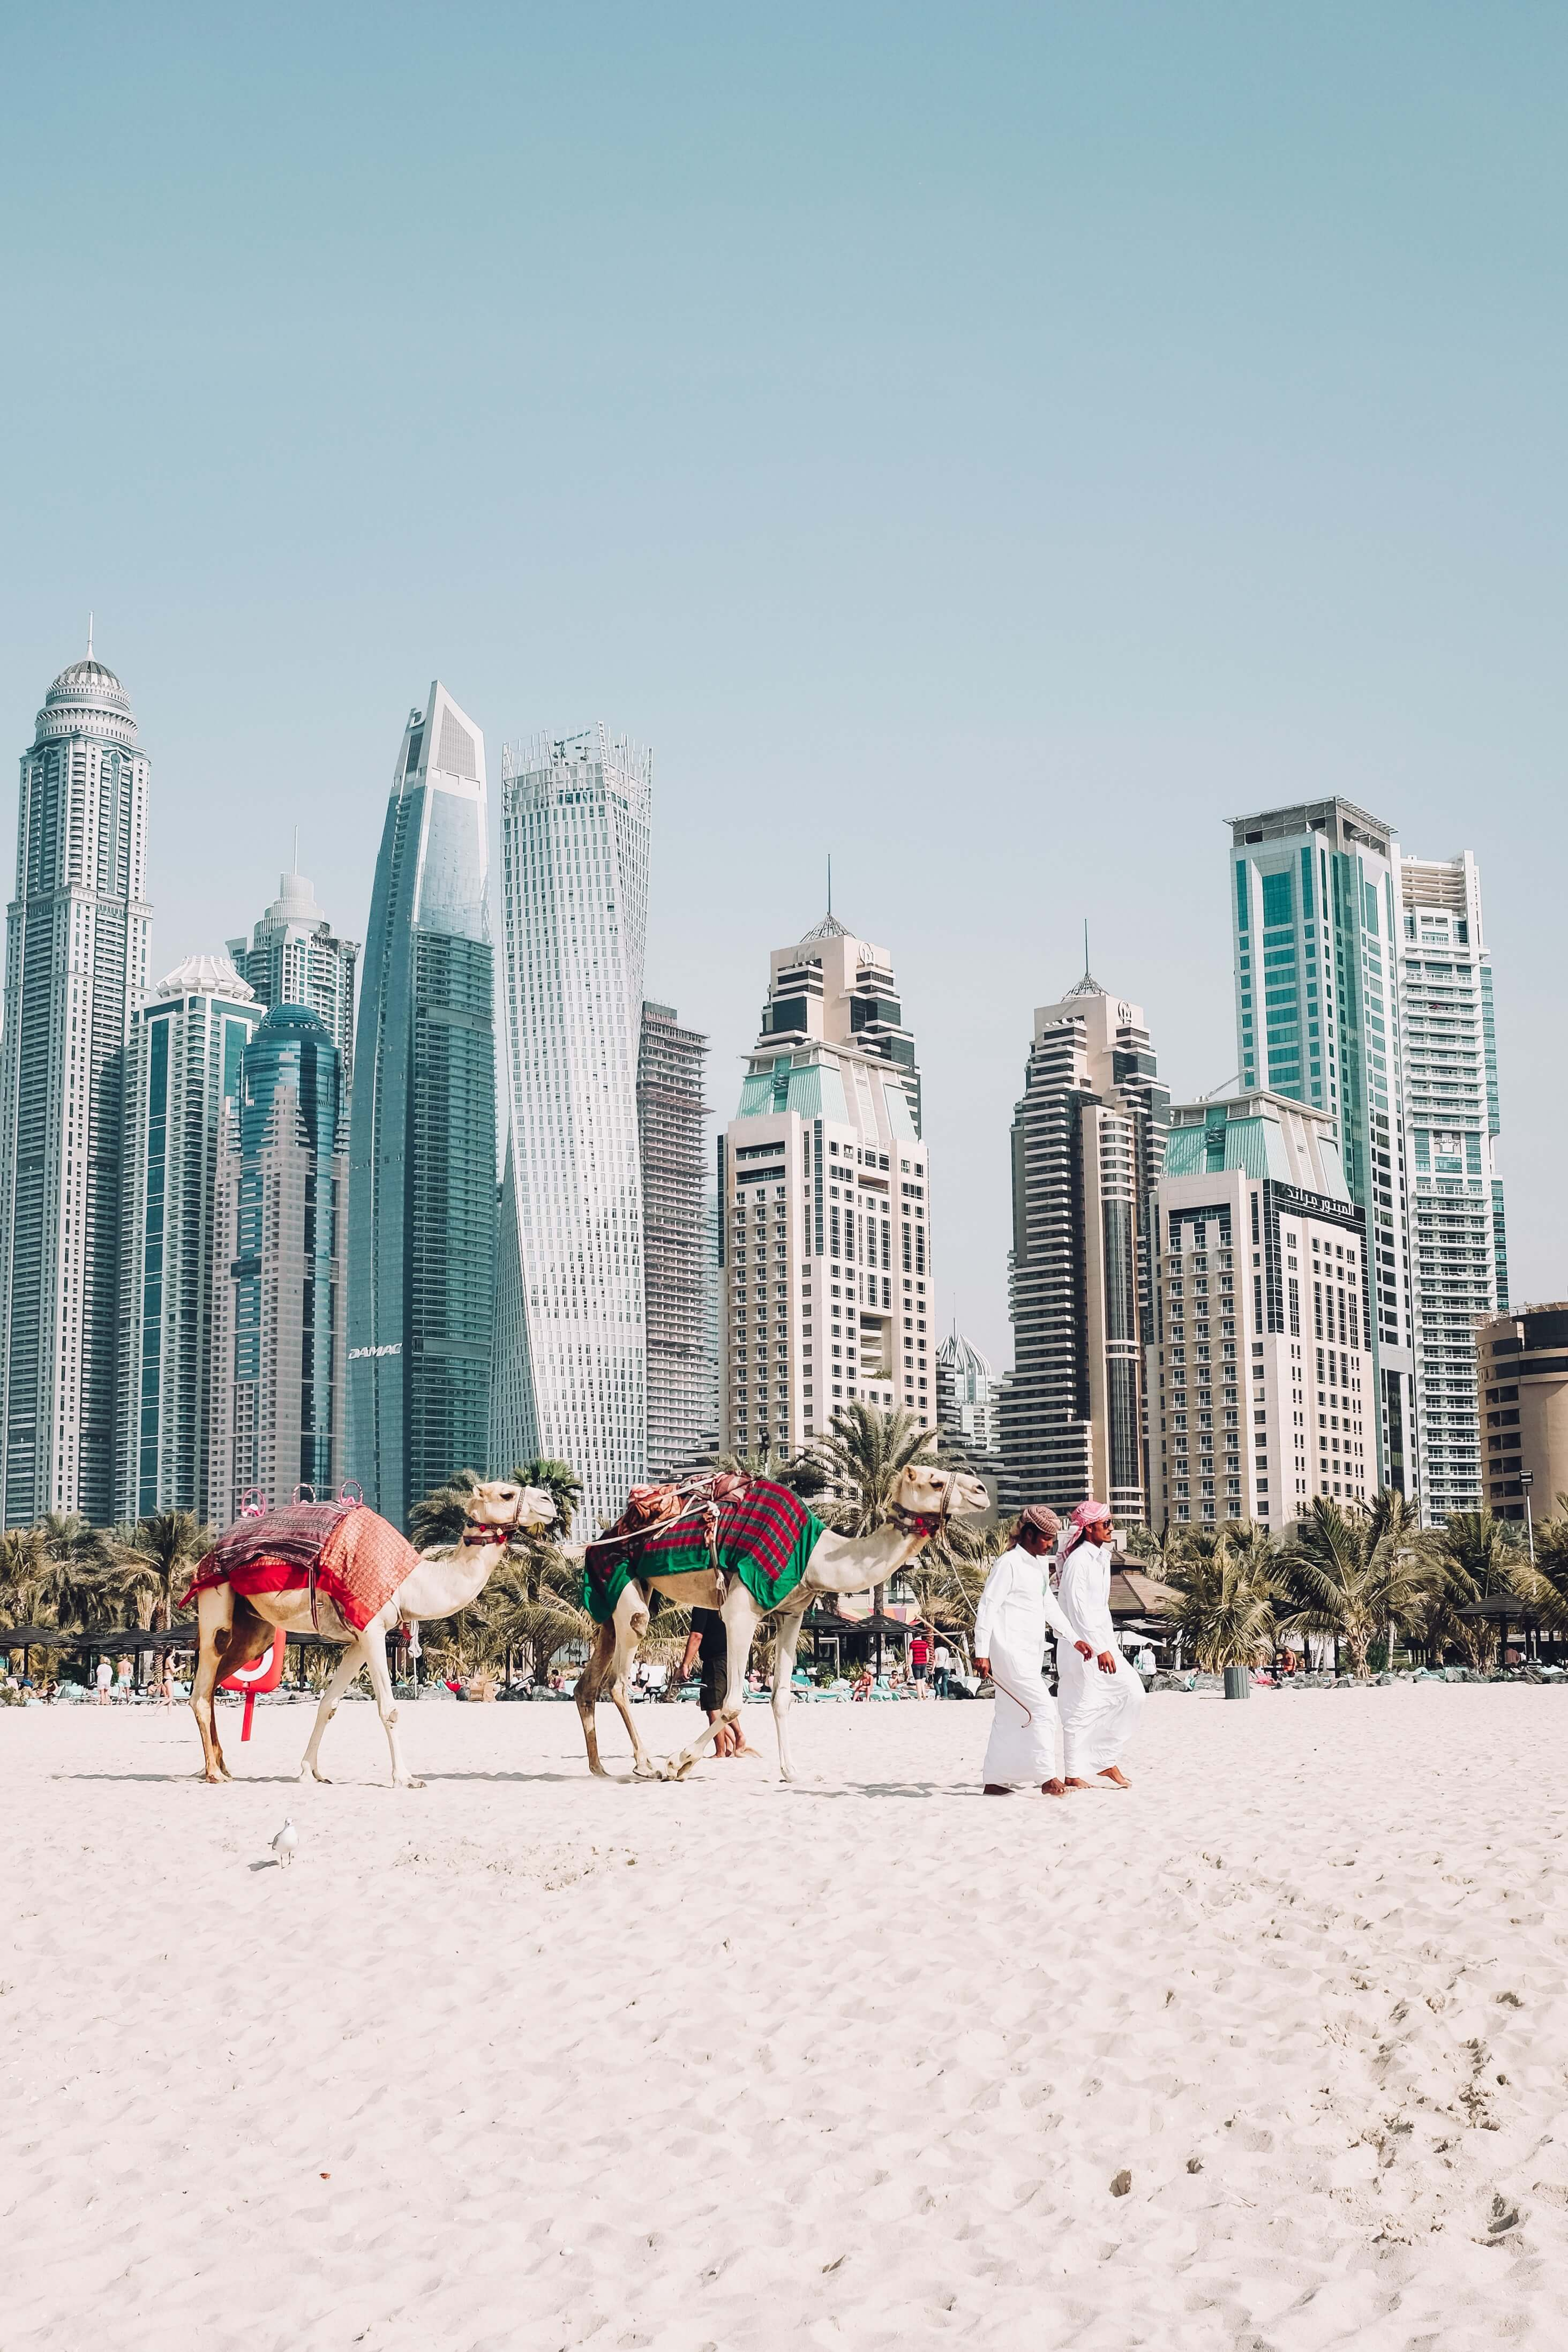 Dubai beach with camels